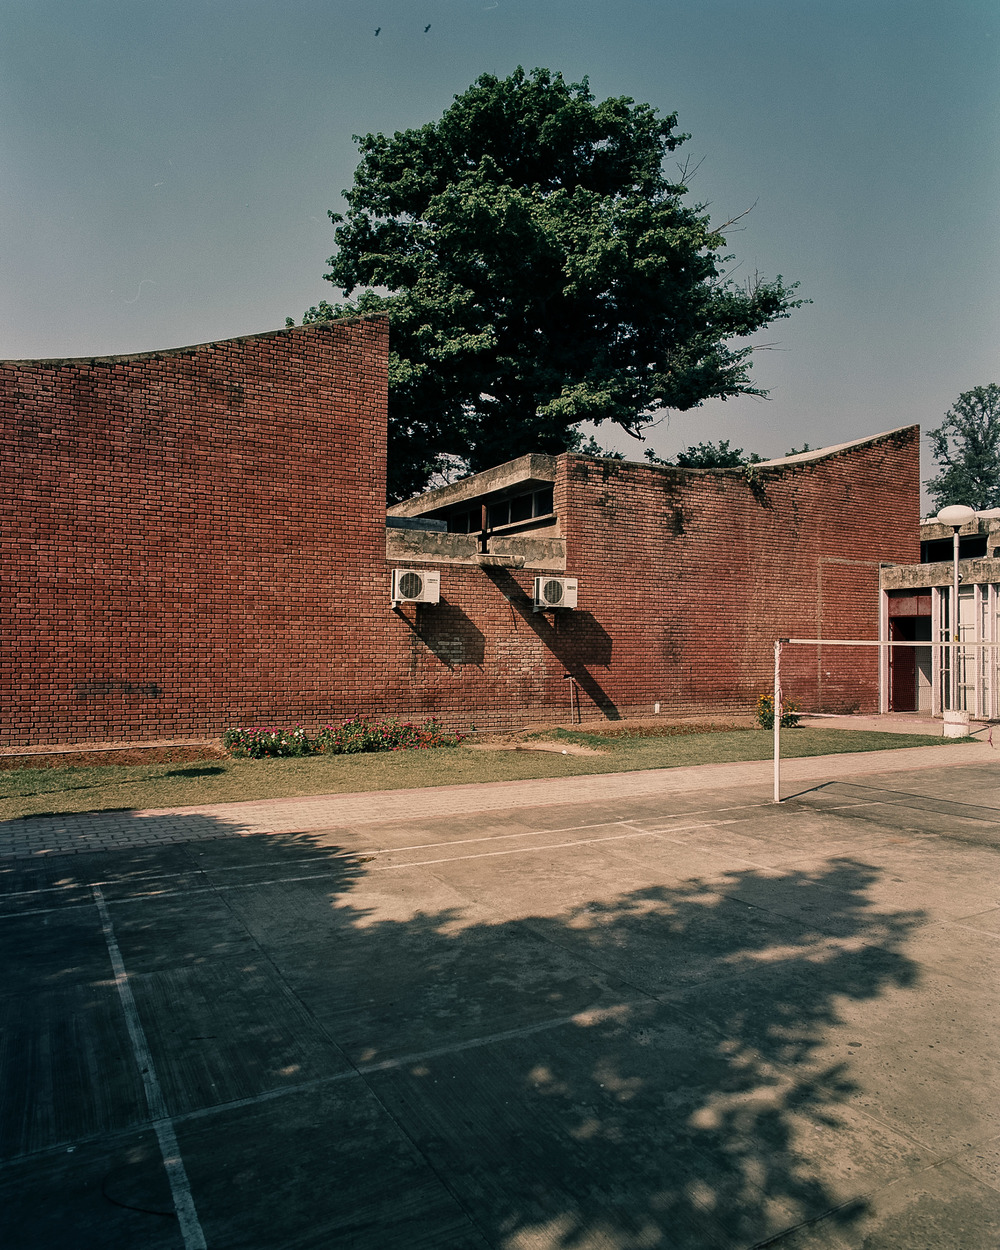 Chandigarh Art School, India